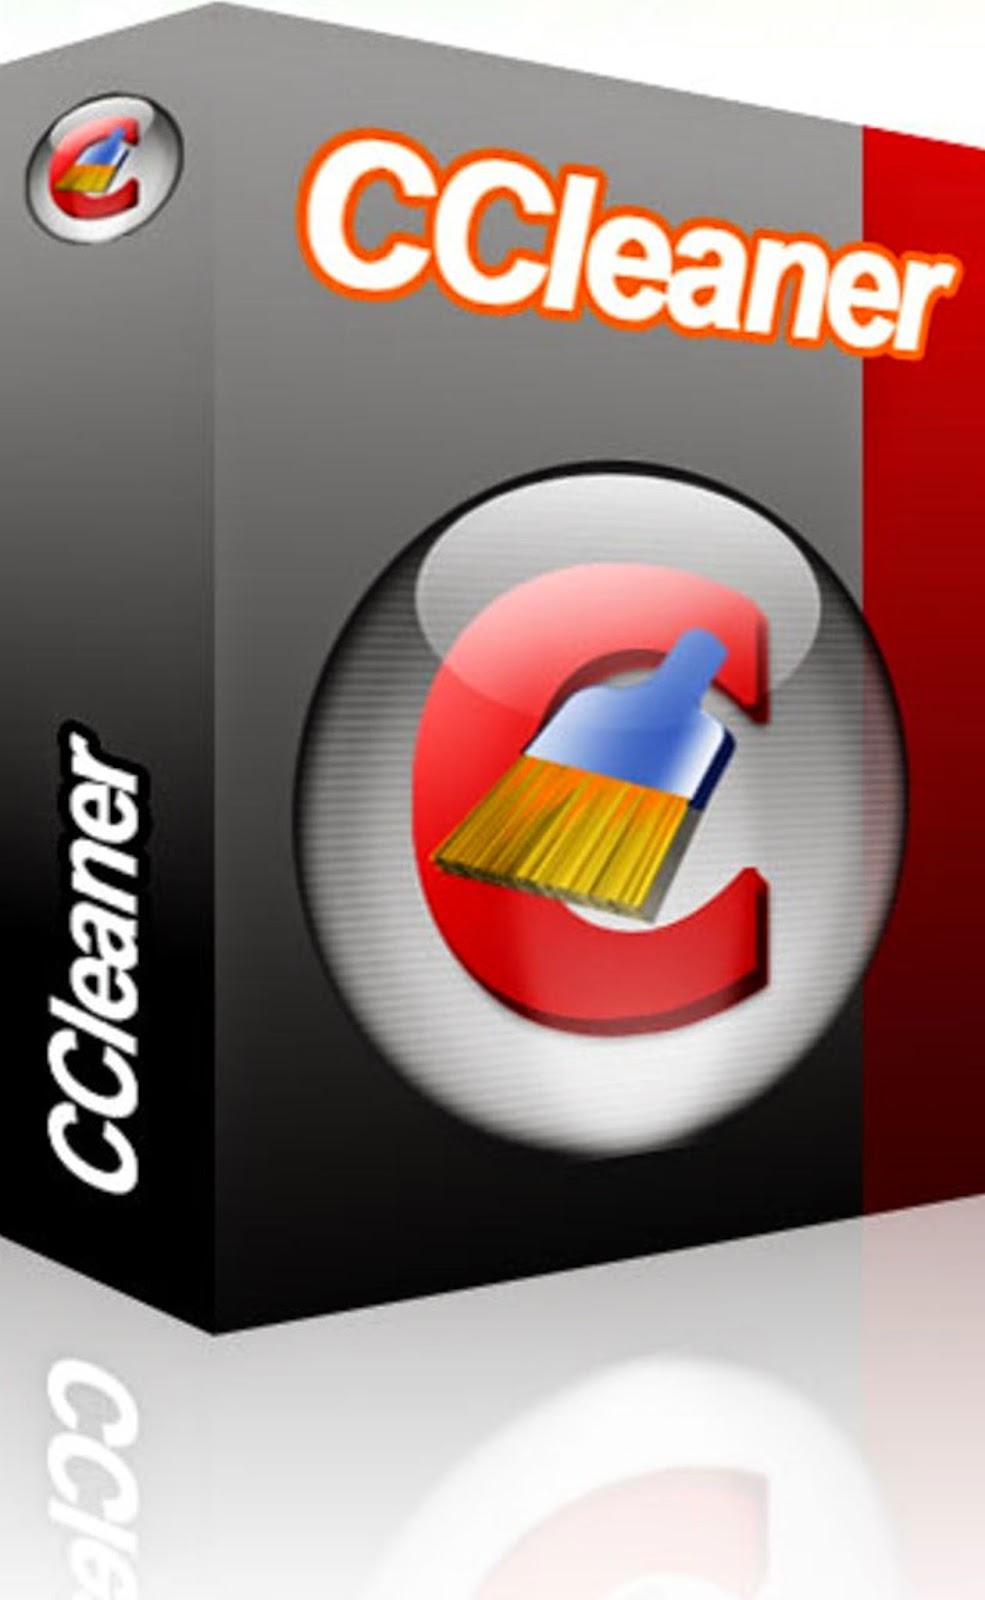 Download CCleaner Professional Plus Terbaru Full Version